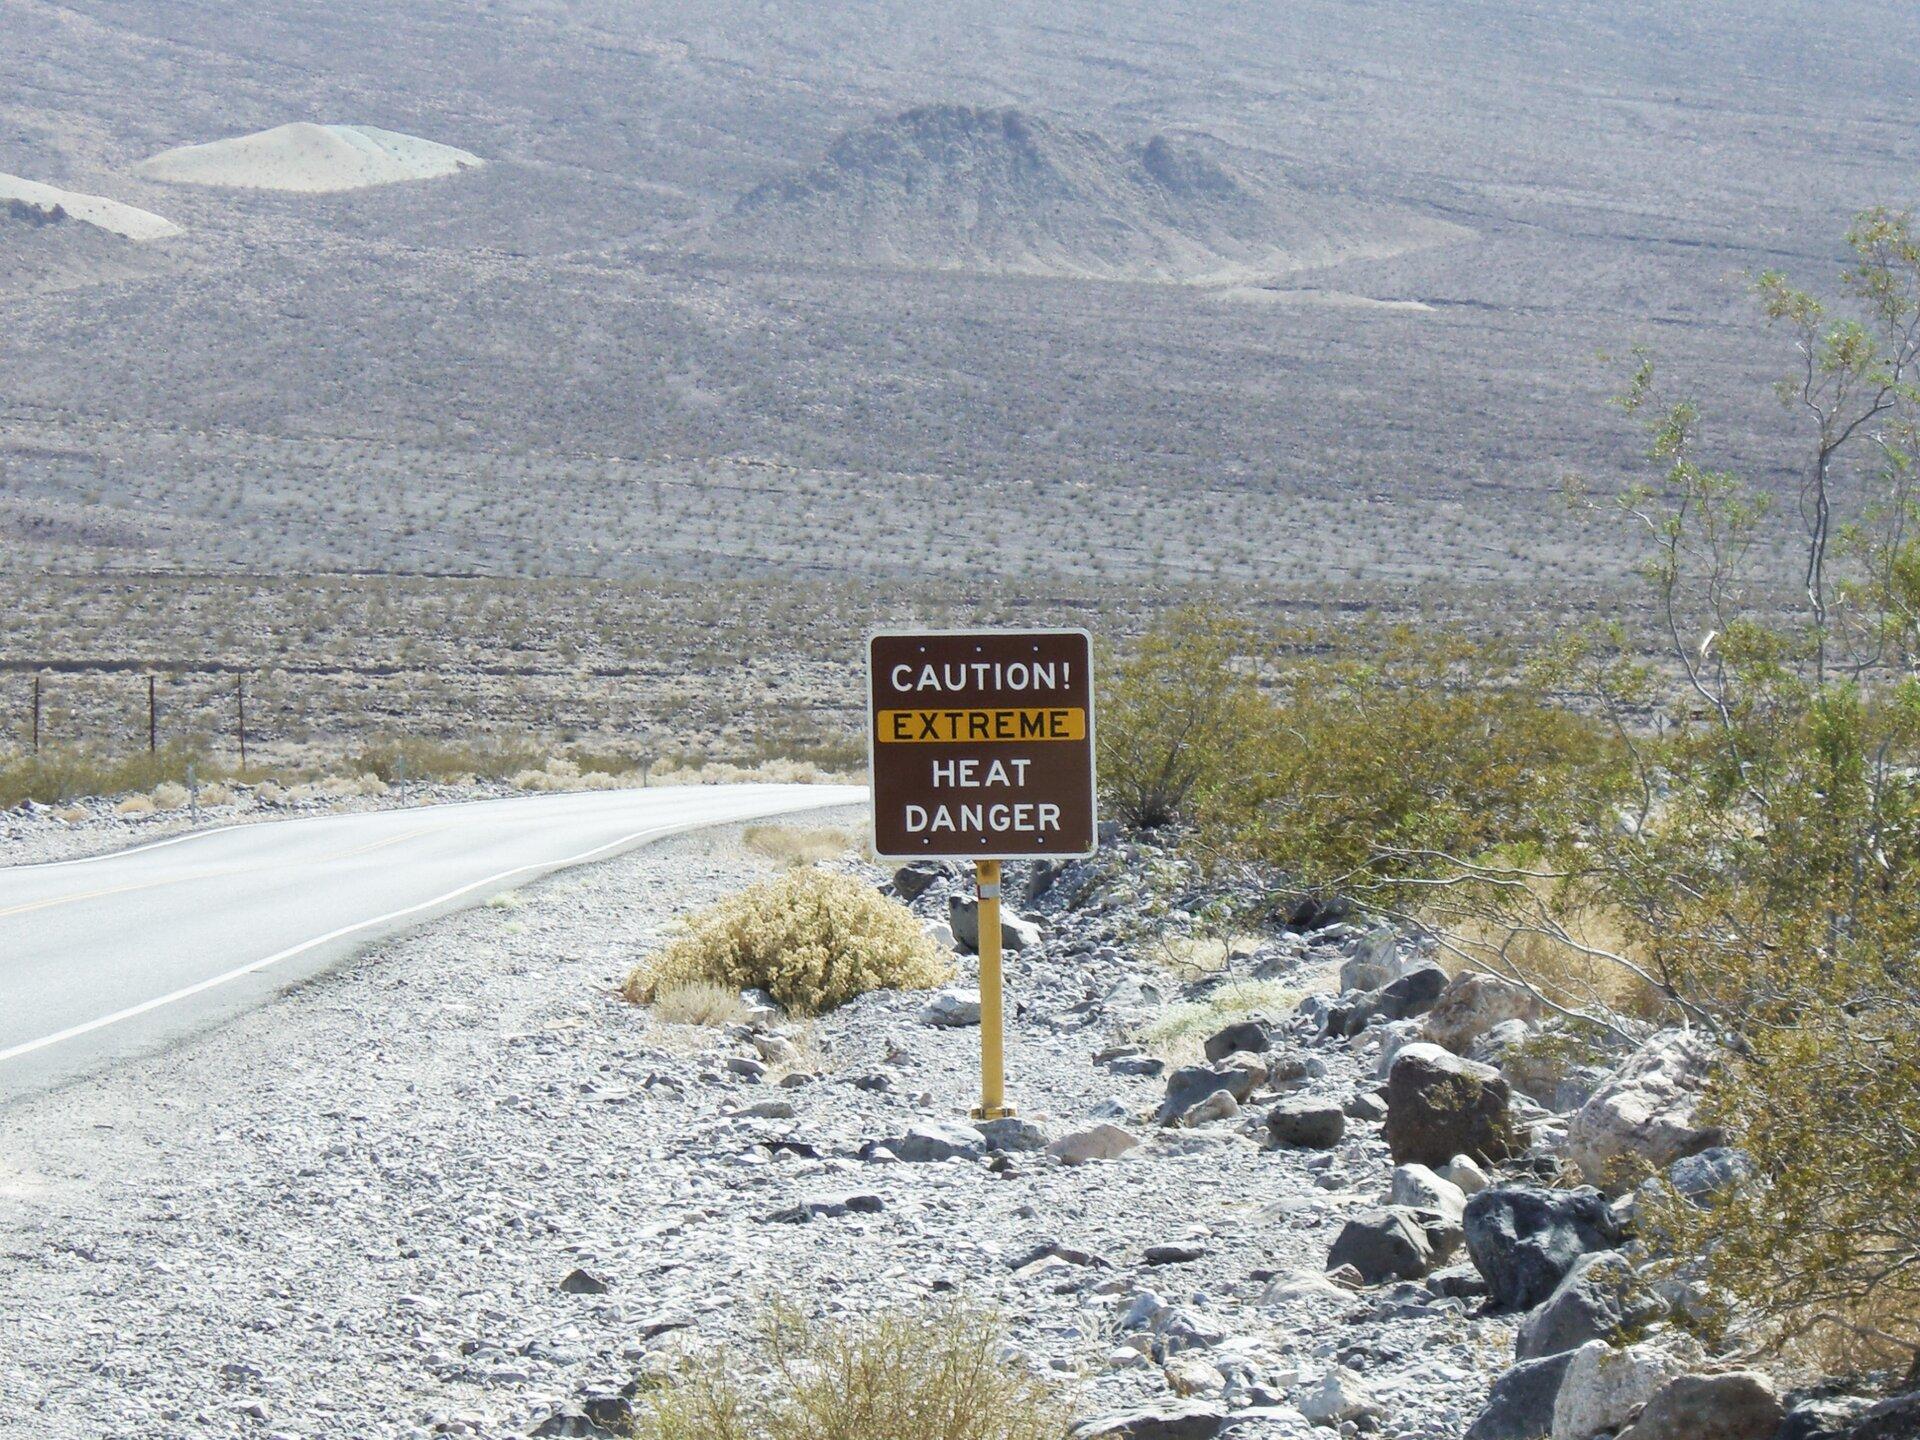 Fotografia przedstawia tablicę, informująca ozagrożeniu nadzwyczaj wysoką temperaturą powietrza. Tablica jest prostokątna, czerwona, zbiałymi iżółtymi napisami wjęzyku angielskim. Stoi na skraju Doliny Śmierci na pustyni Mojave. Przy żółtym słupie tablicy leżą szare ibrązowe kamienie, między którymi rosną kępy roślin – traw iniskich krzewów. Wtle łańcuchy górskie.